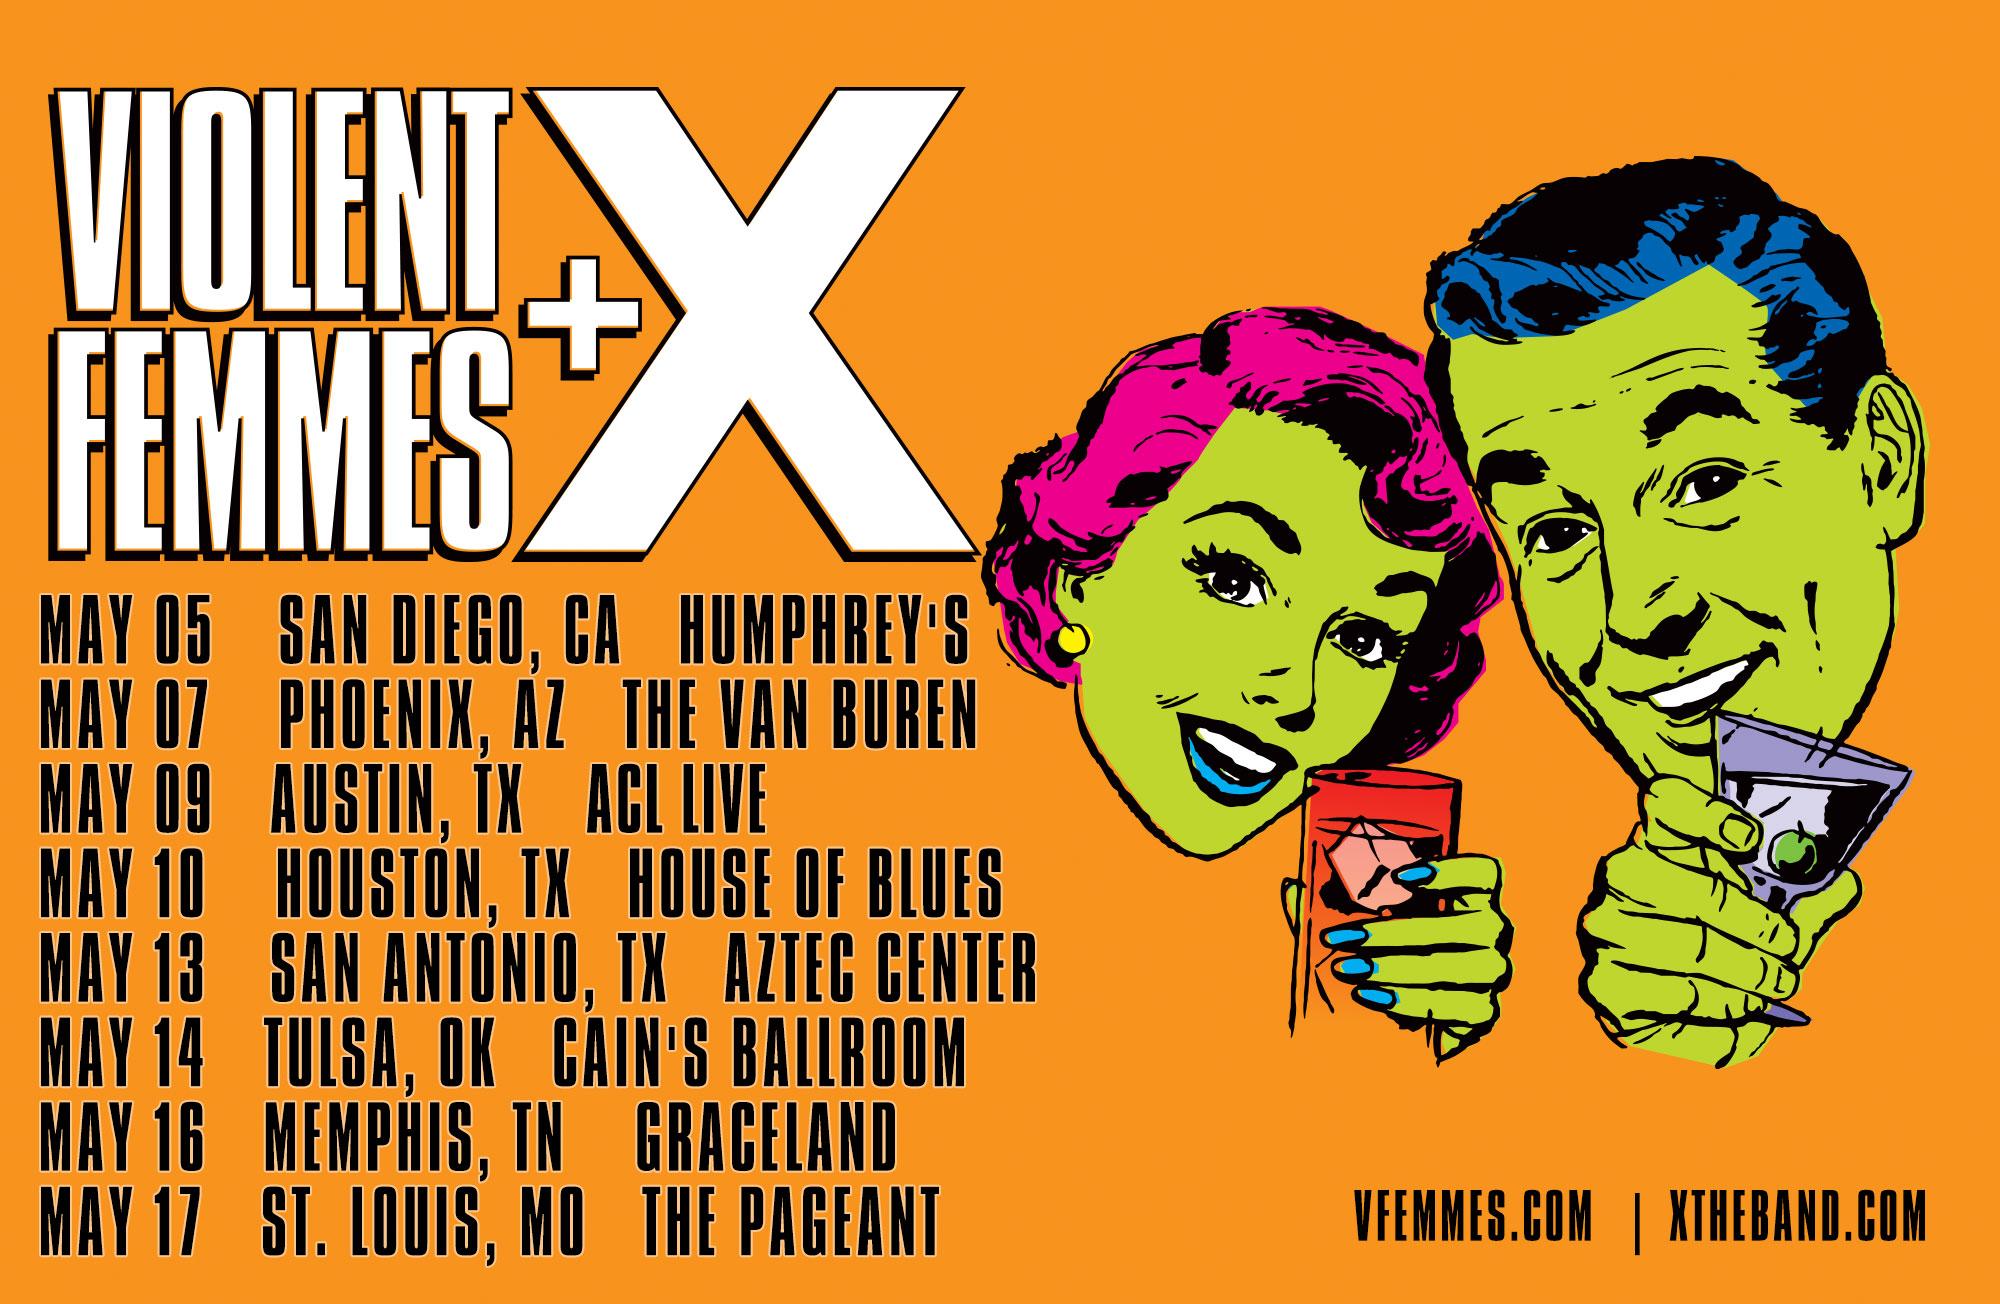 Violent Femmes / X - Tour 2019